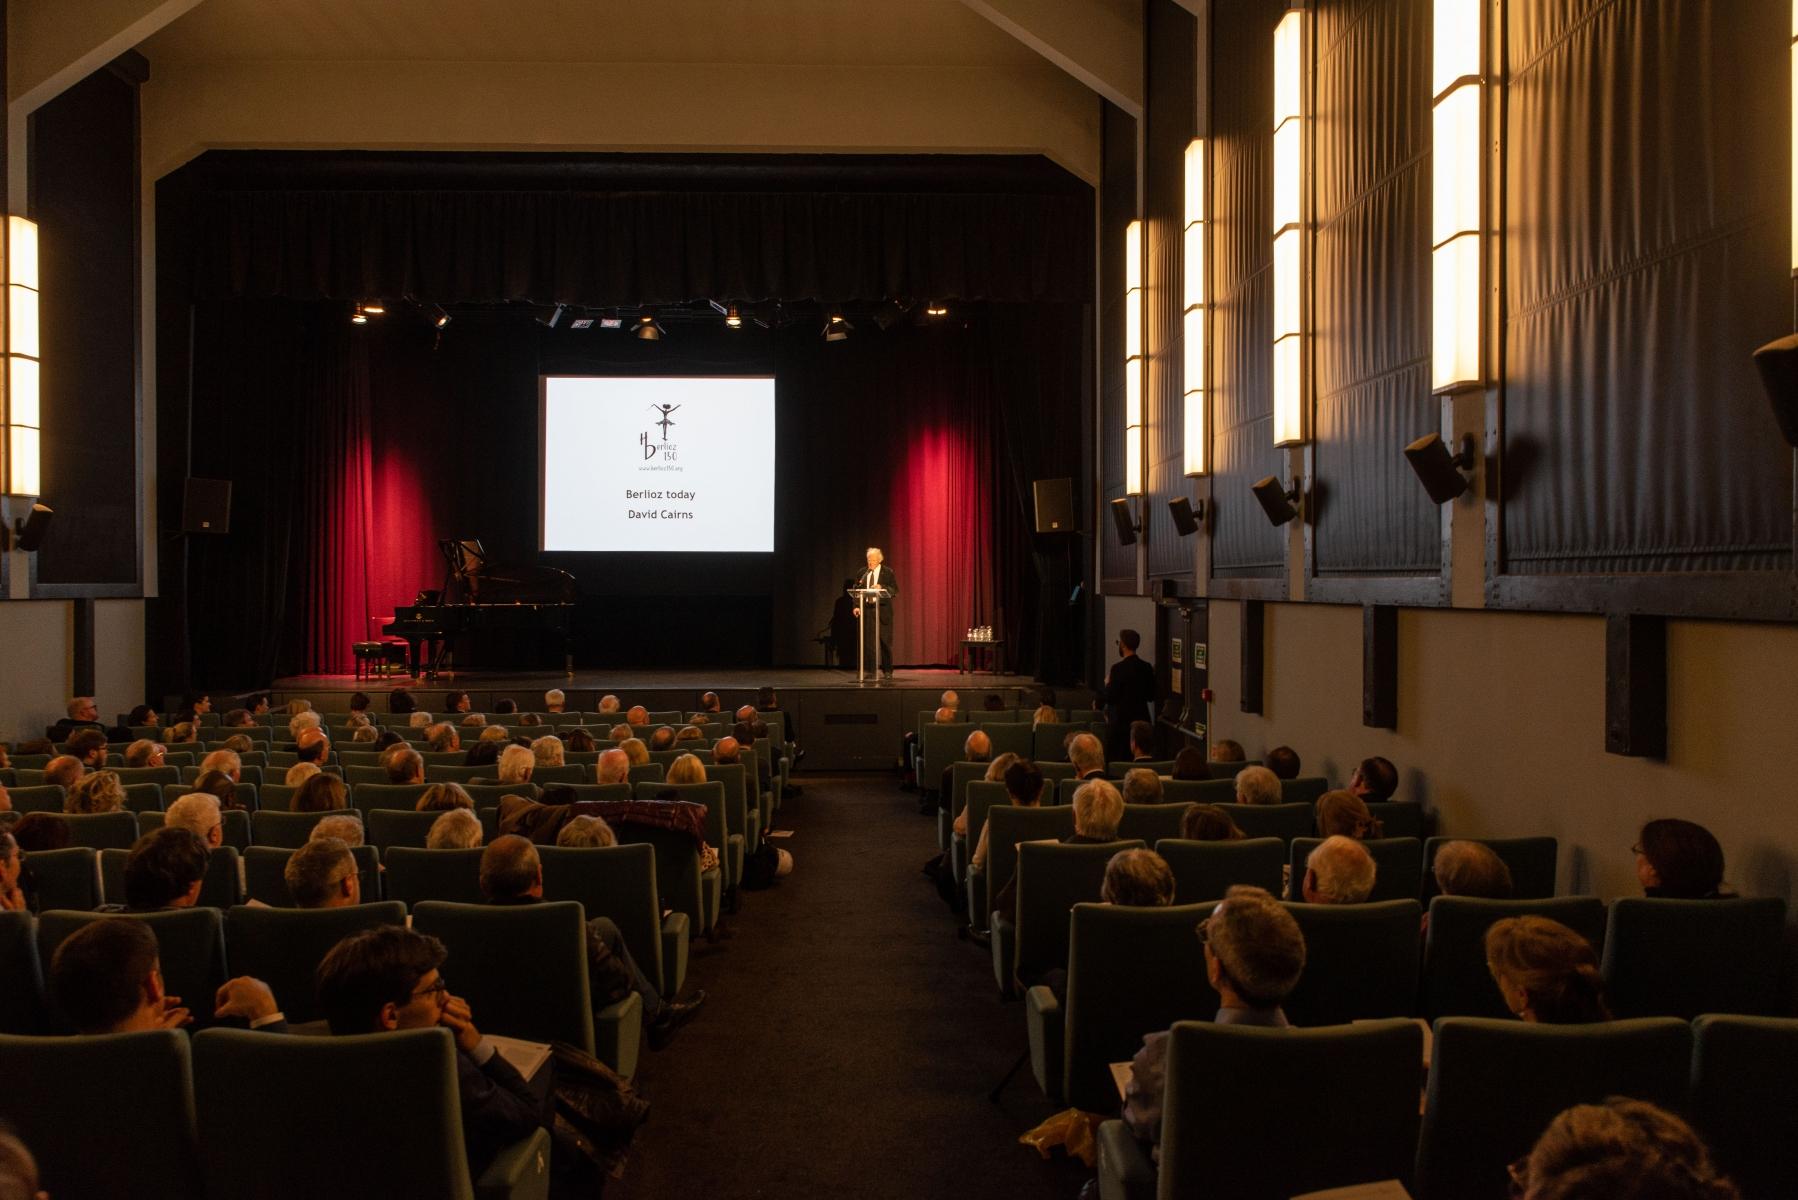 Berlioz 150 Anniversary event